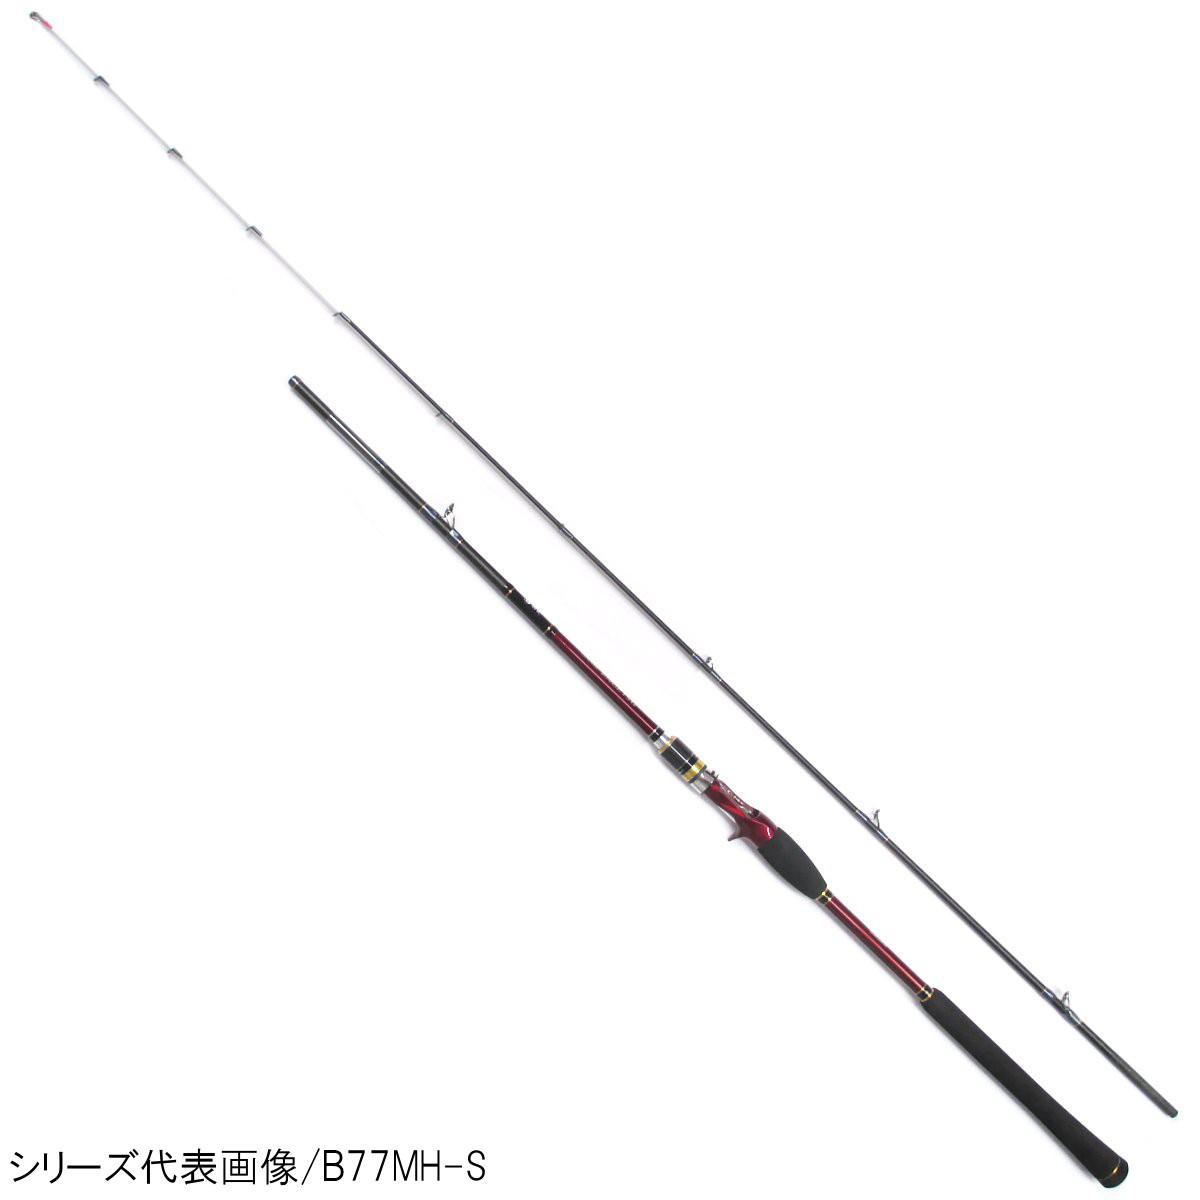 ゲーム炎月 B70ML-S シマノ【大型商品】【同梱不可】